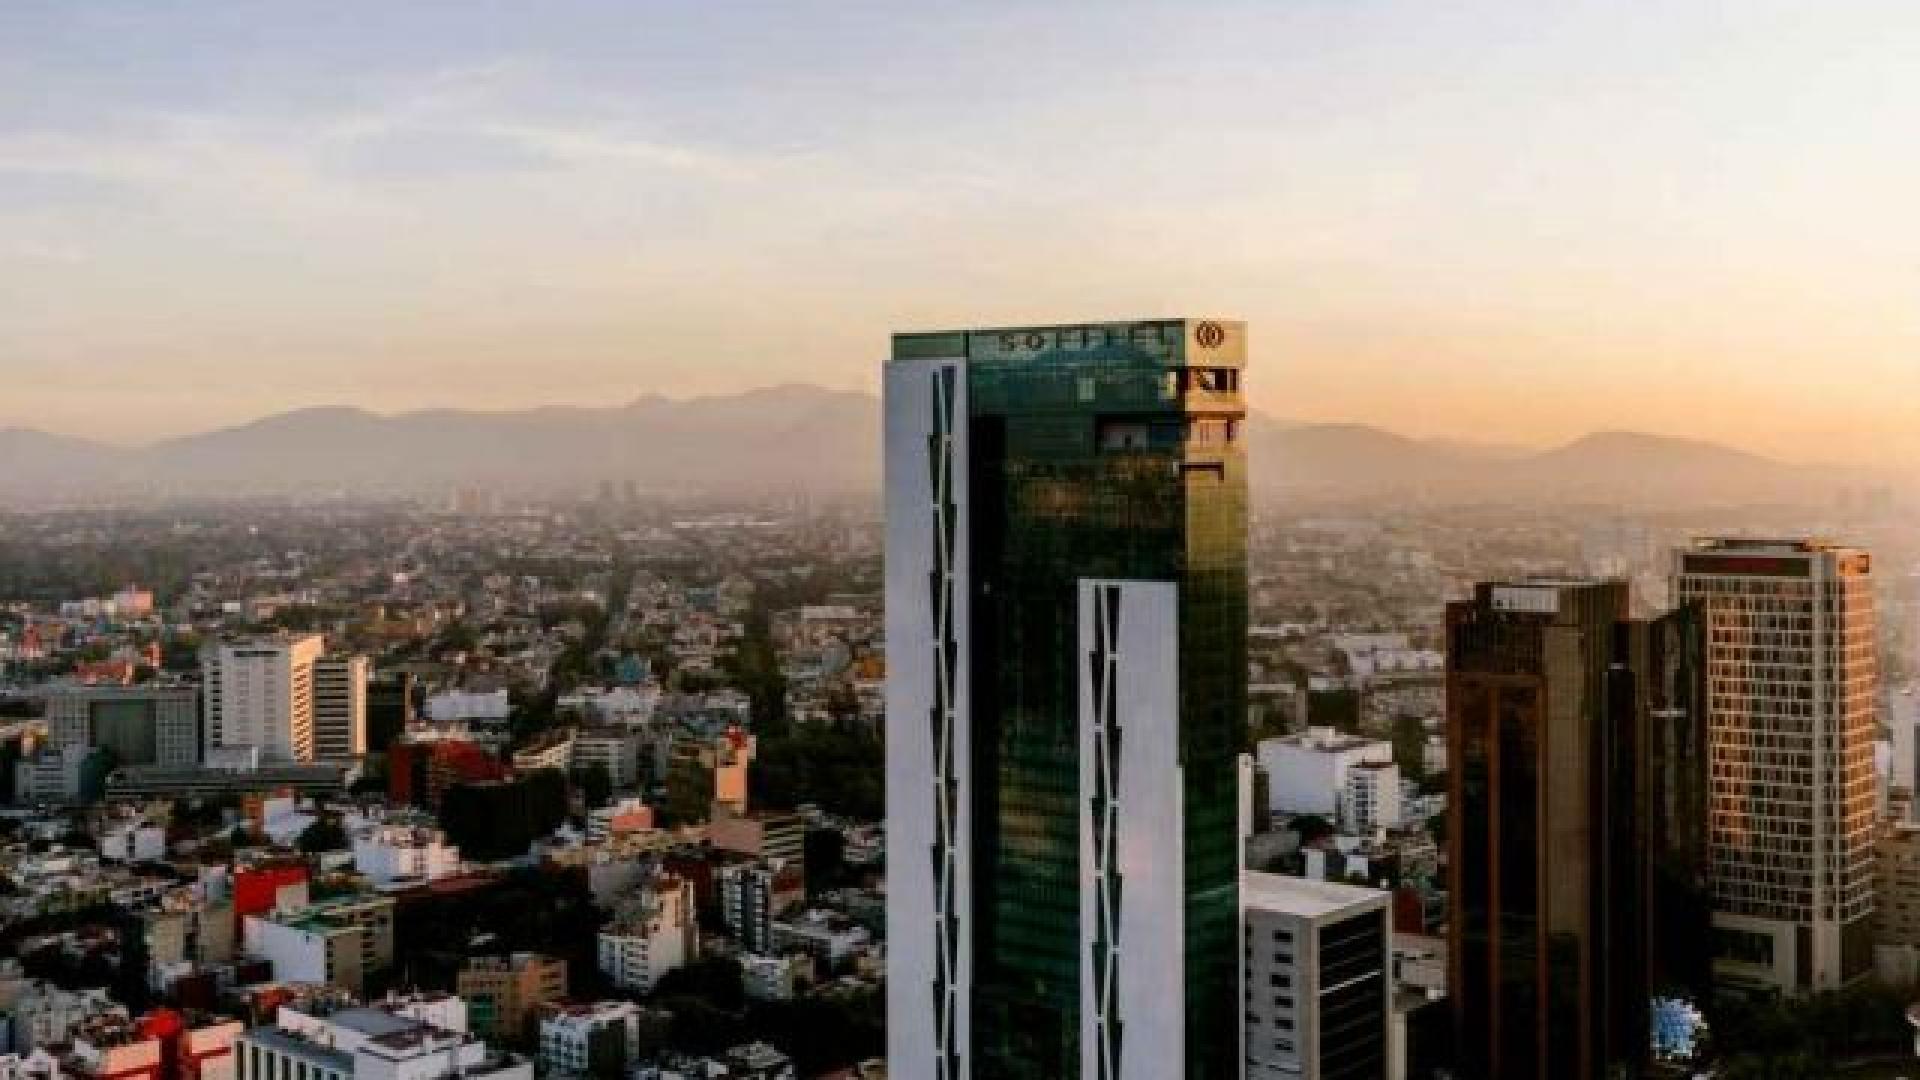 Sofitel Mexico City Reforma, hospitalidad con sello francés